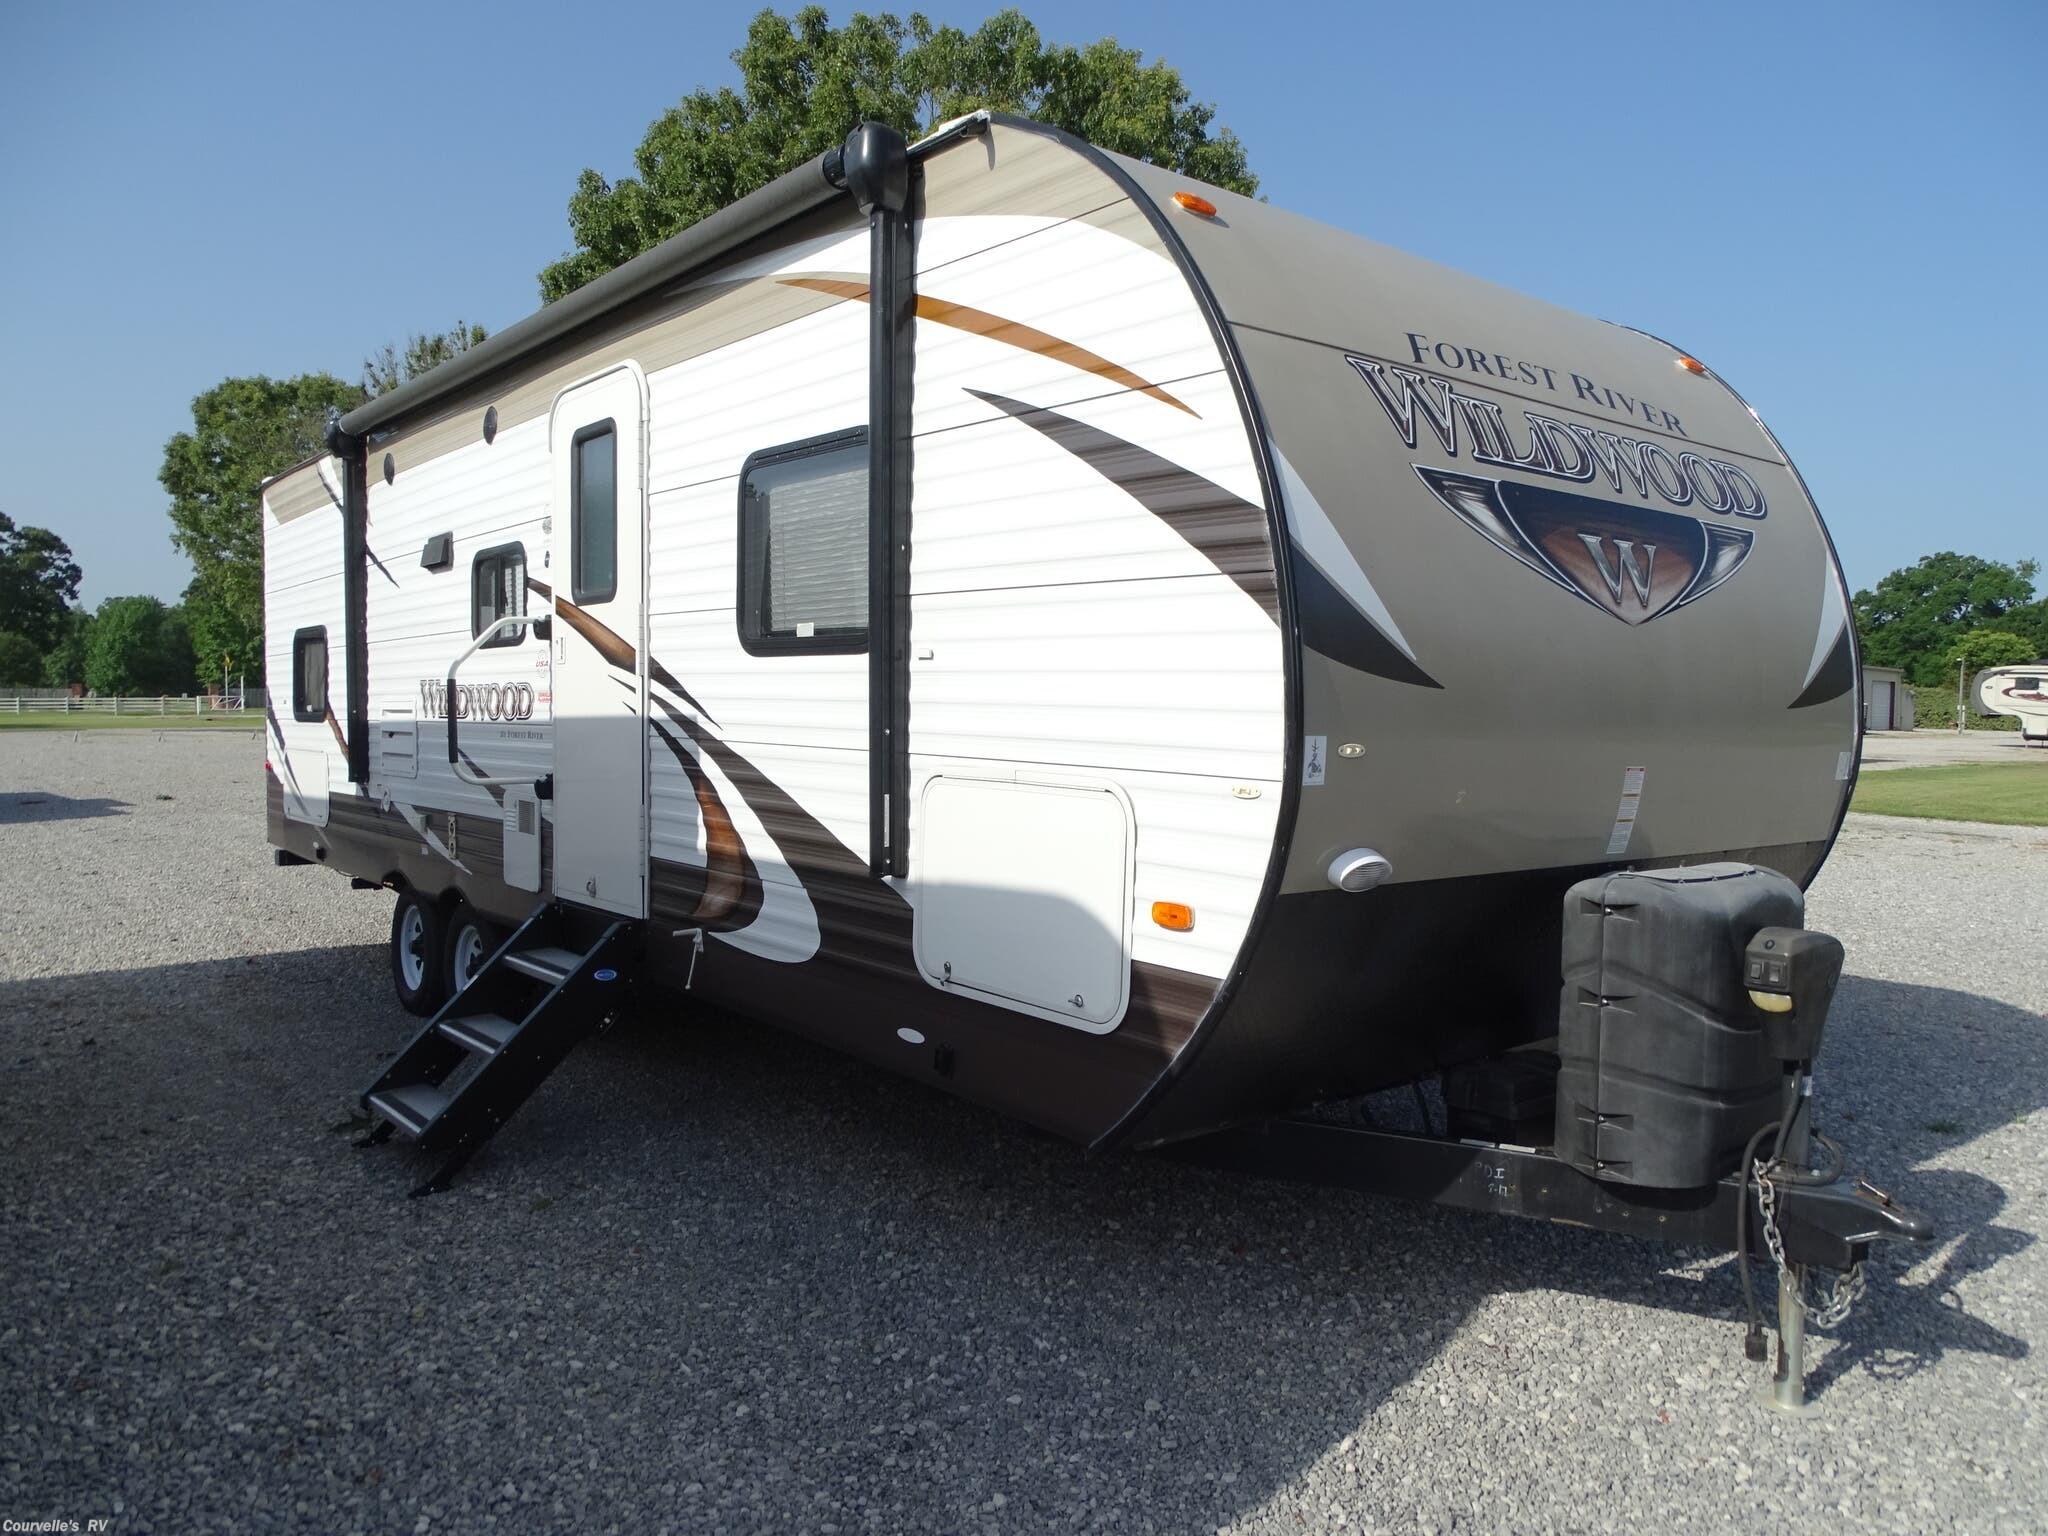 6497MB - 2013 Keystone Hideout 268LHS for sale in Opelousas LA